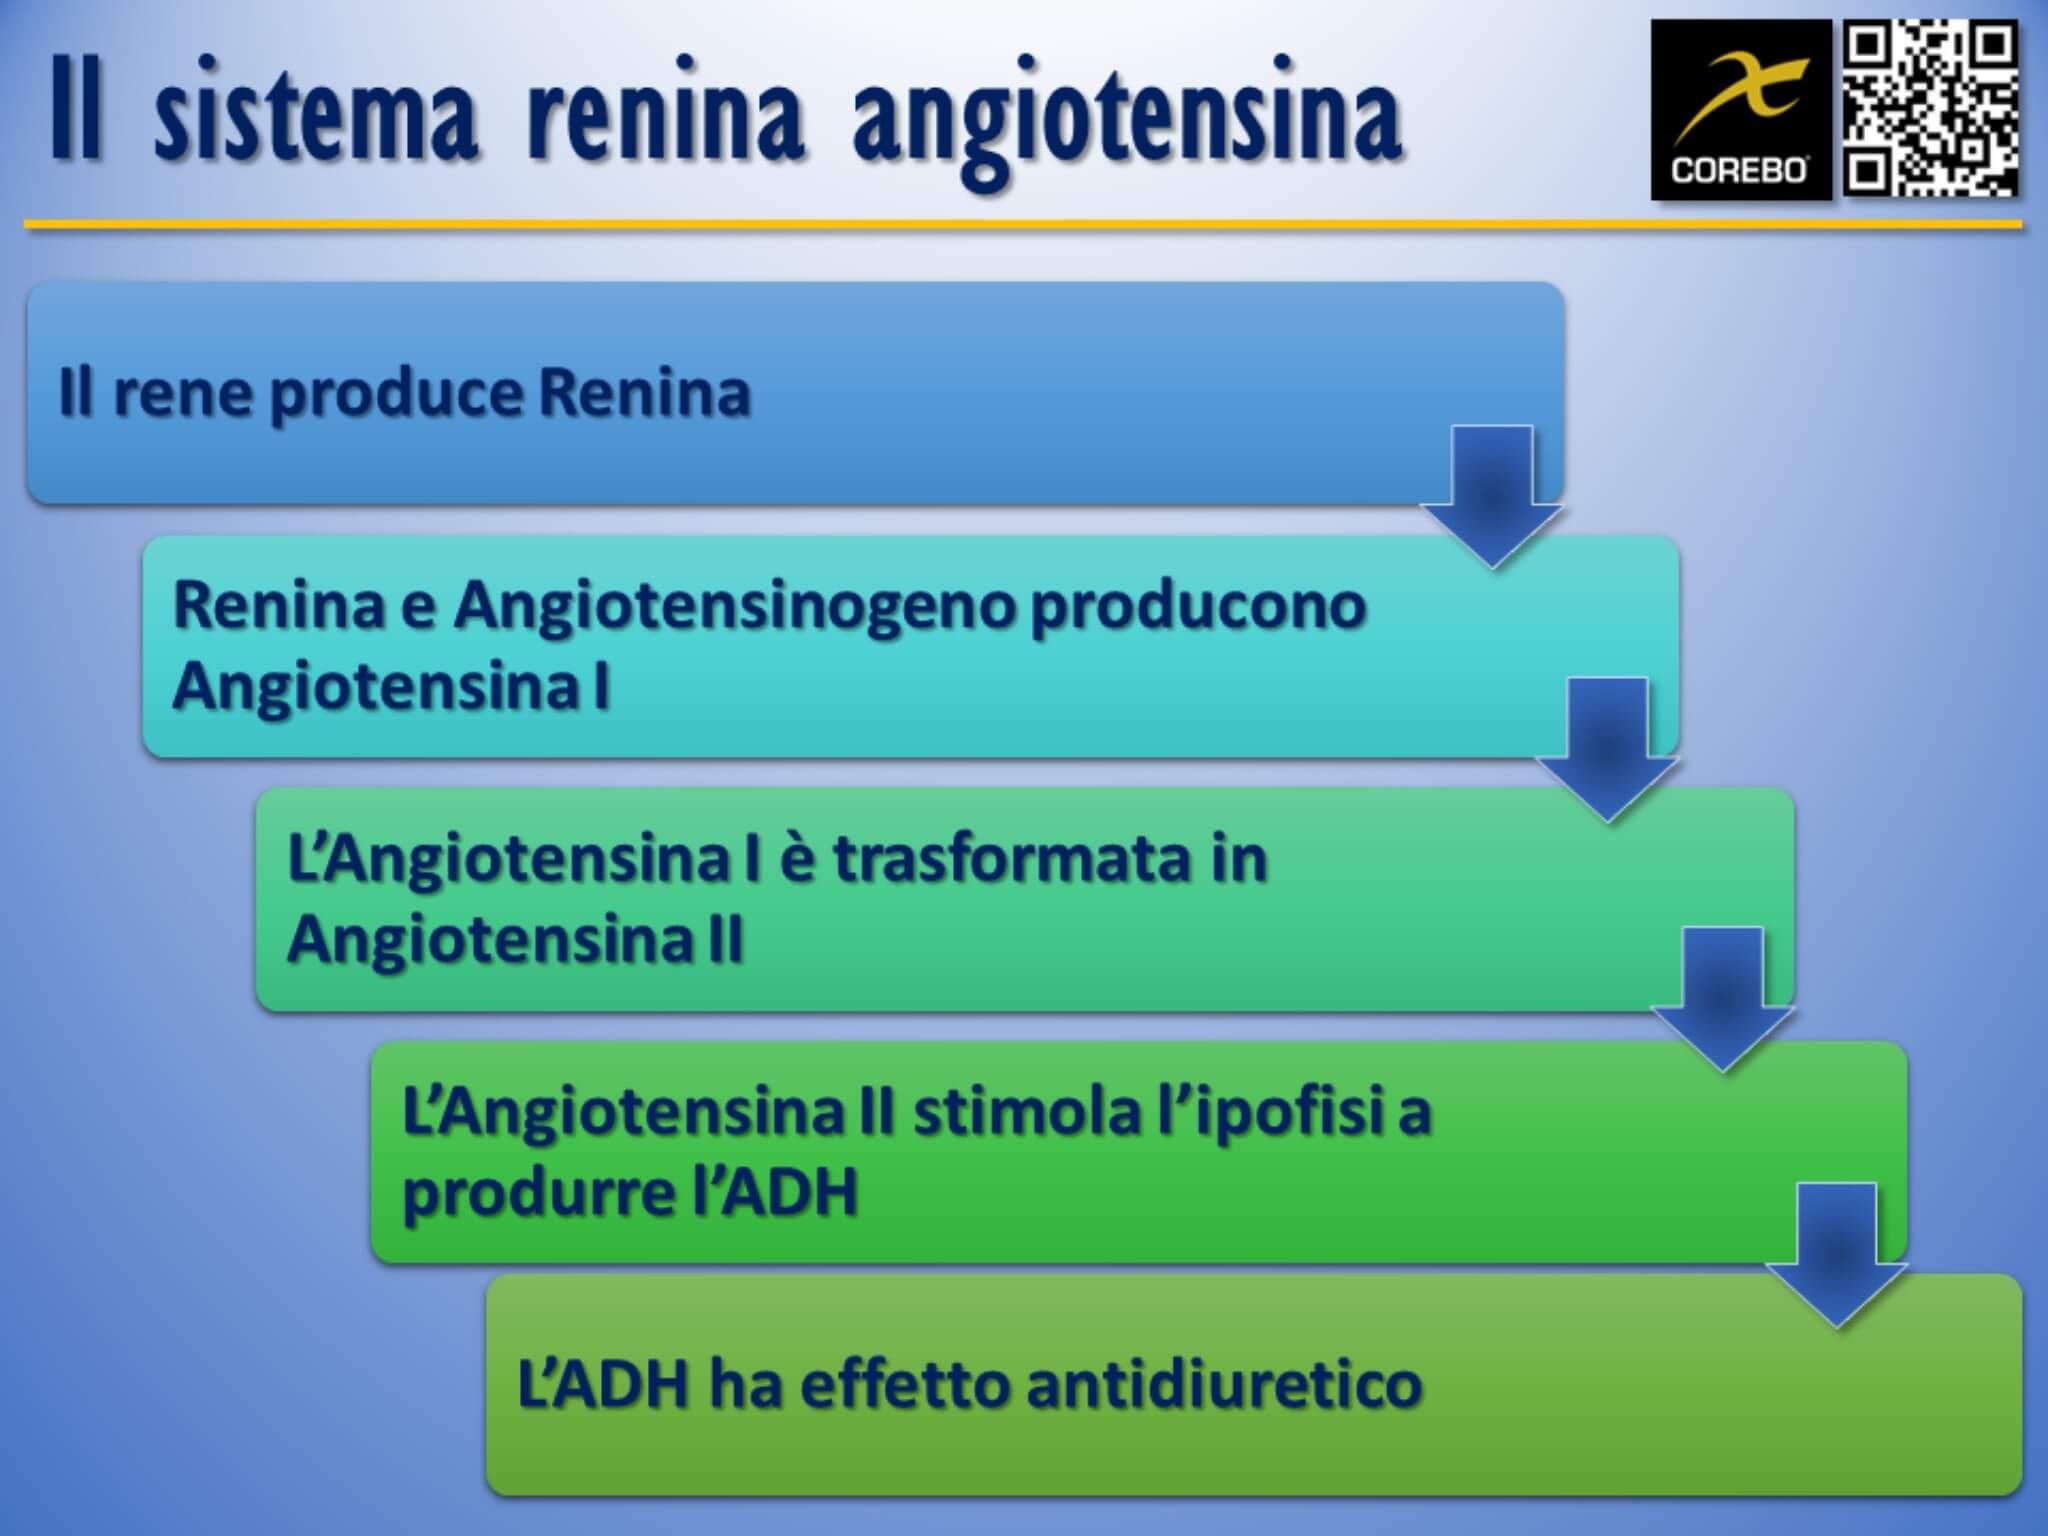 sistema renina angiotensina